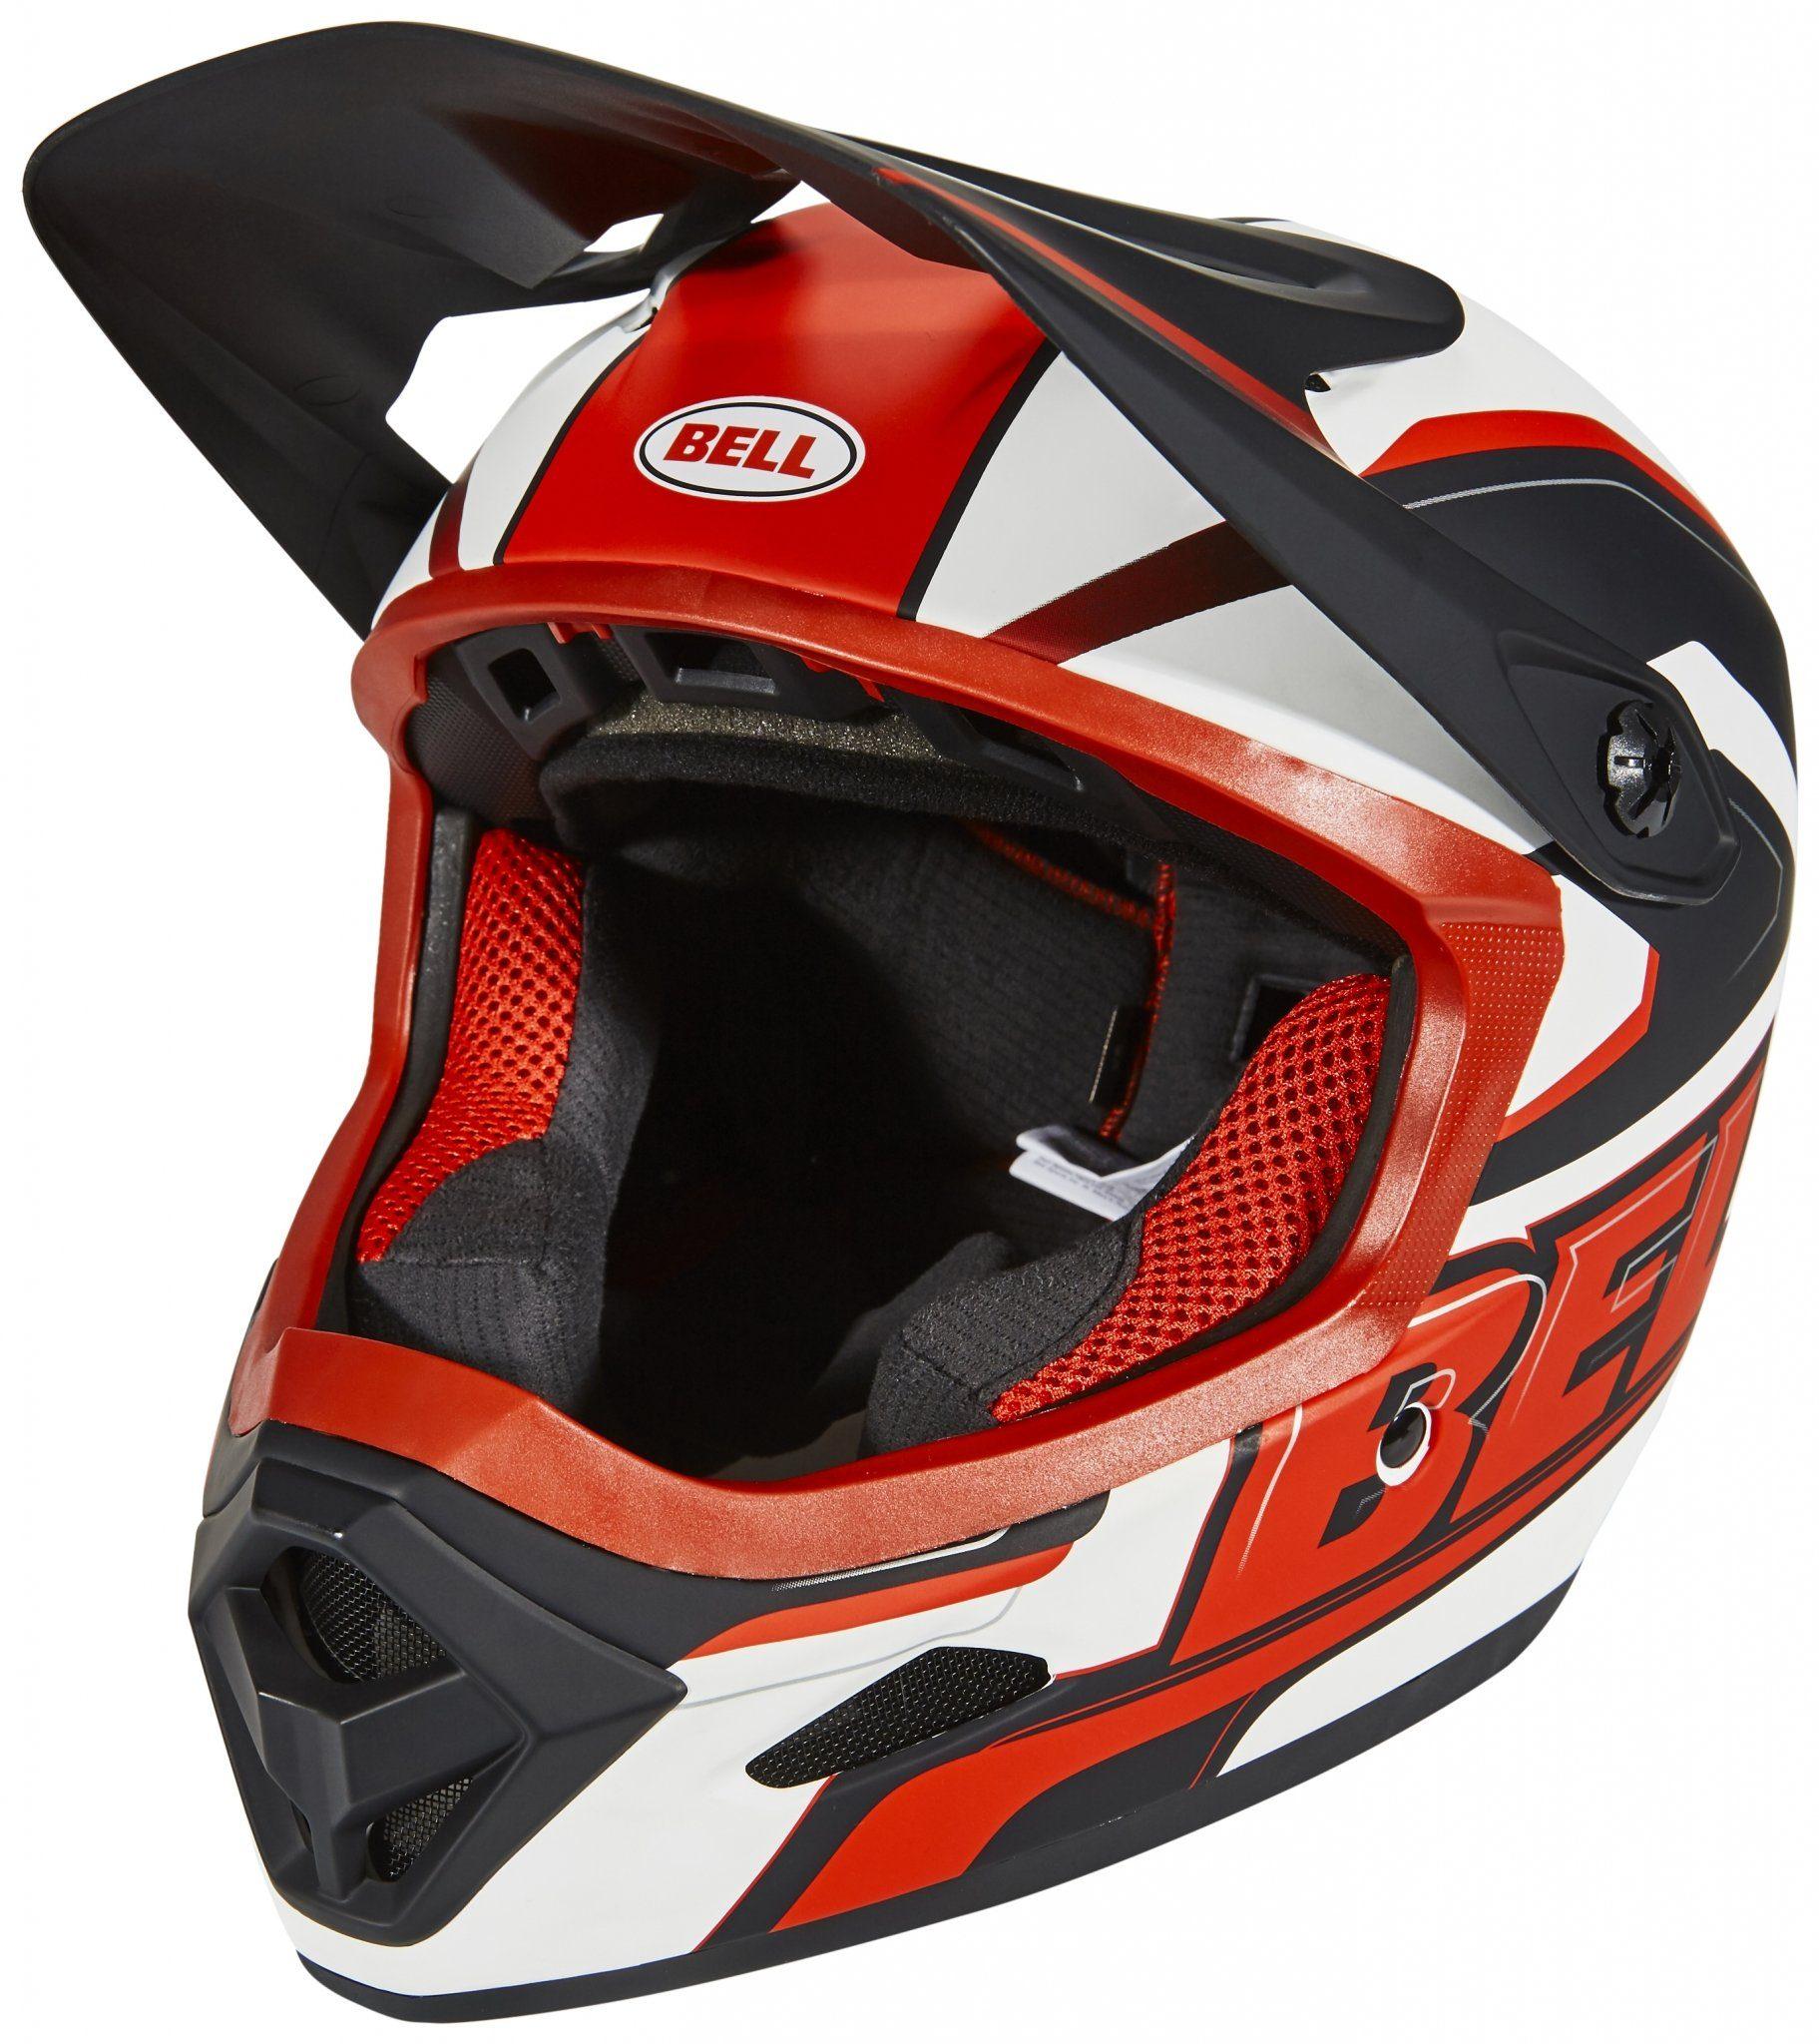 Bell Fahrradhelm »Bell Transfer-9 Fullface Helmet«